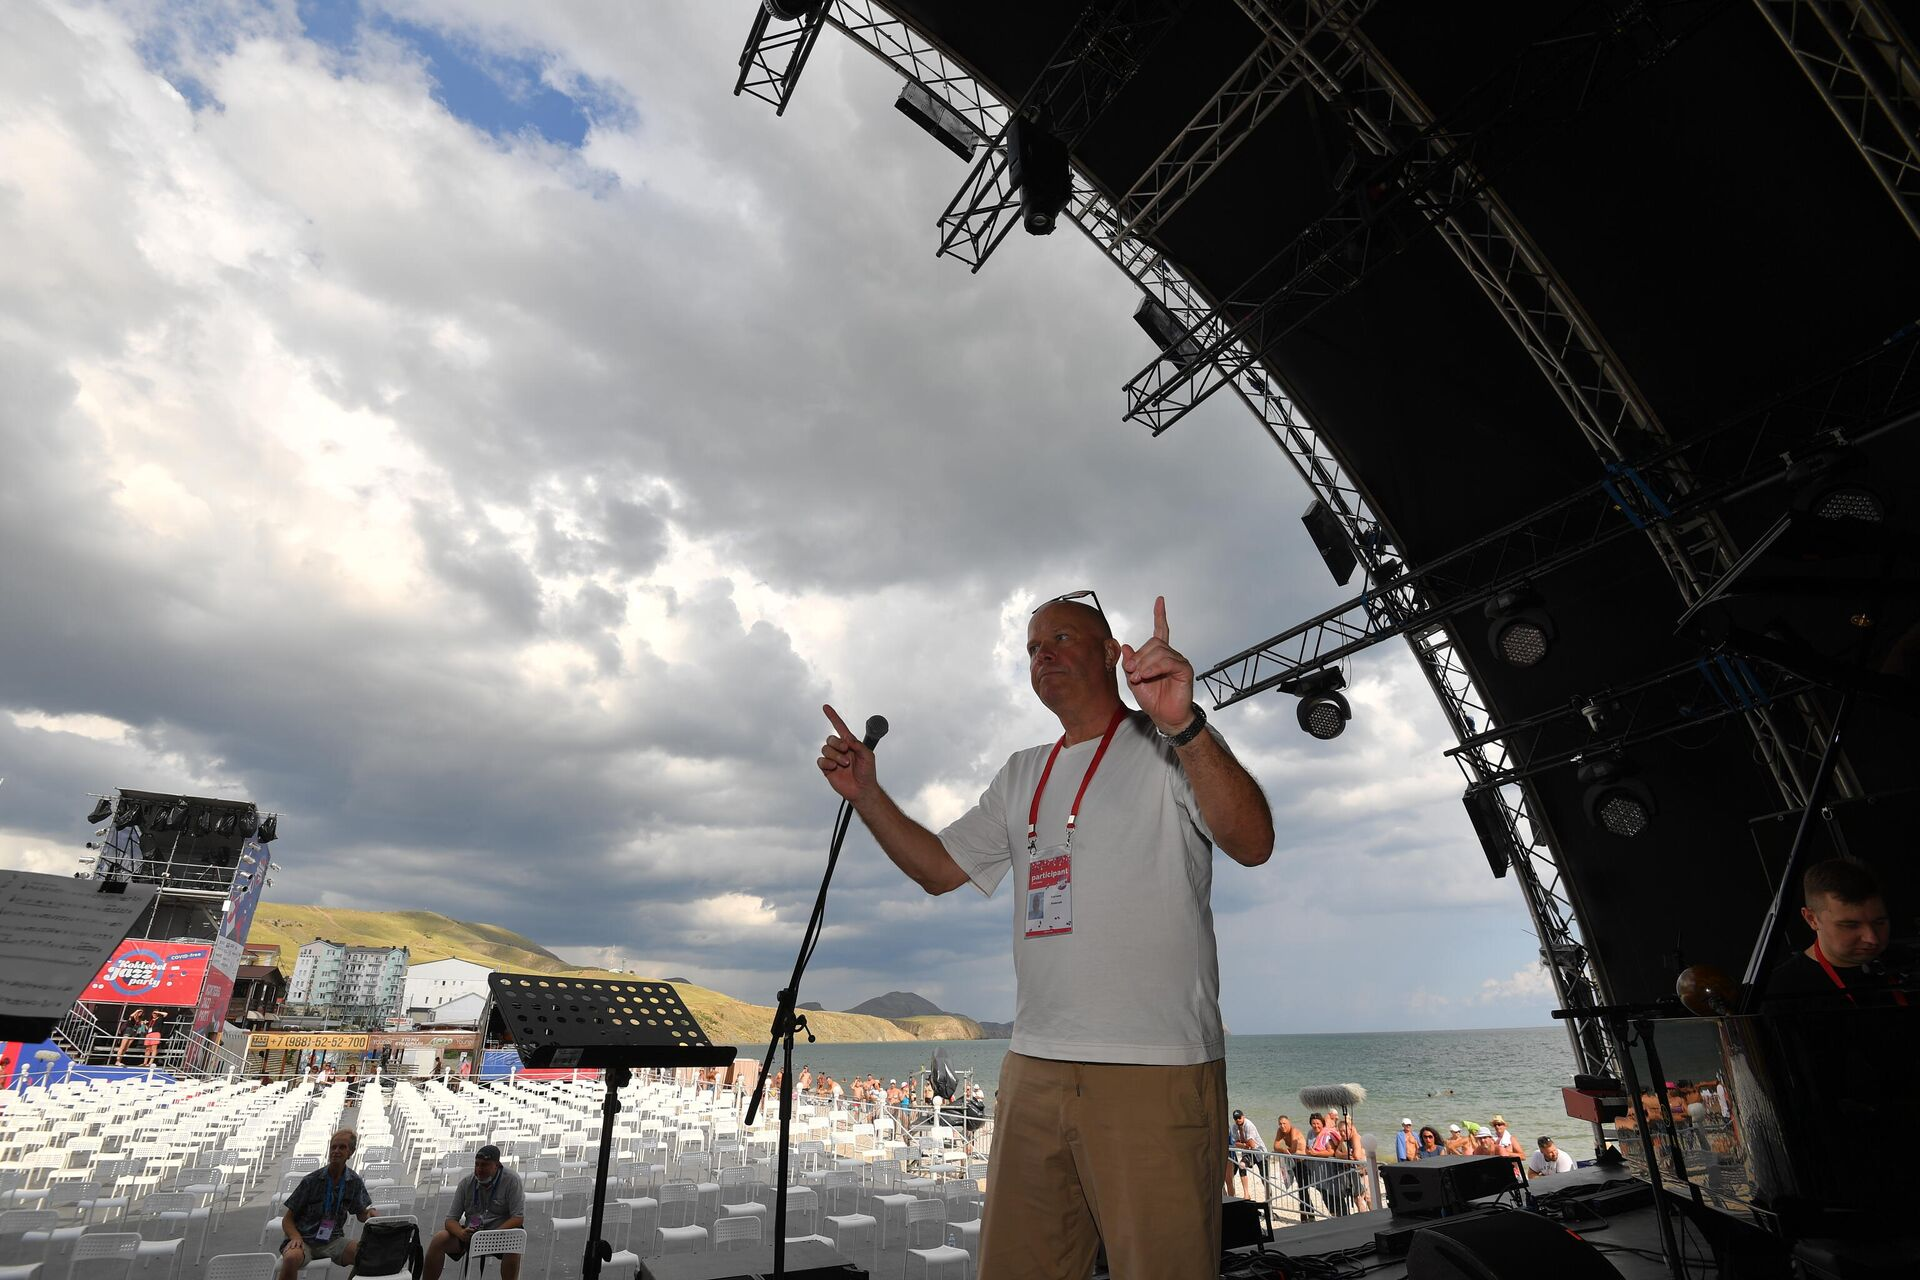 Лидер группы Несчастный случай Алексей Кортнев во время проверки звука на открытии фестиваля Koktebel Jazz Party - 2021 в Крыму - Sputnik Латвия, 1920, 20.08.2021